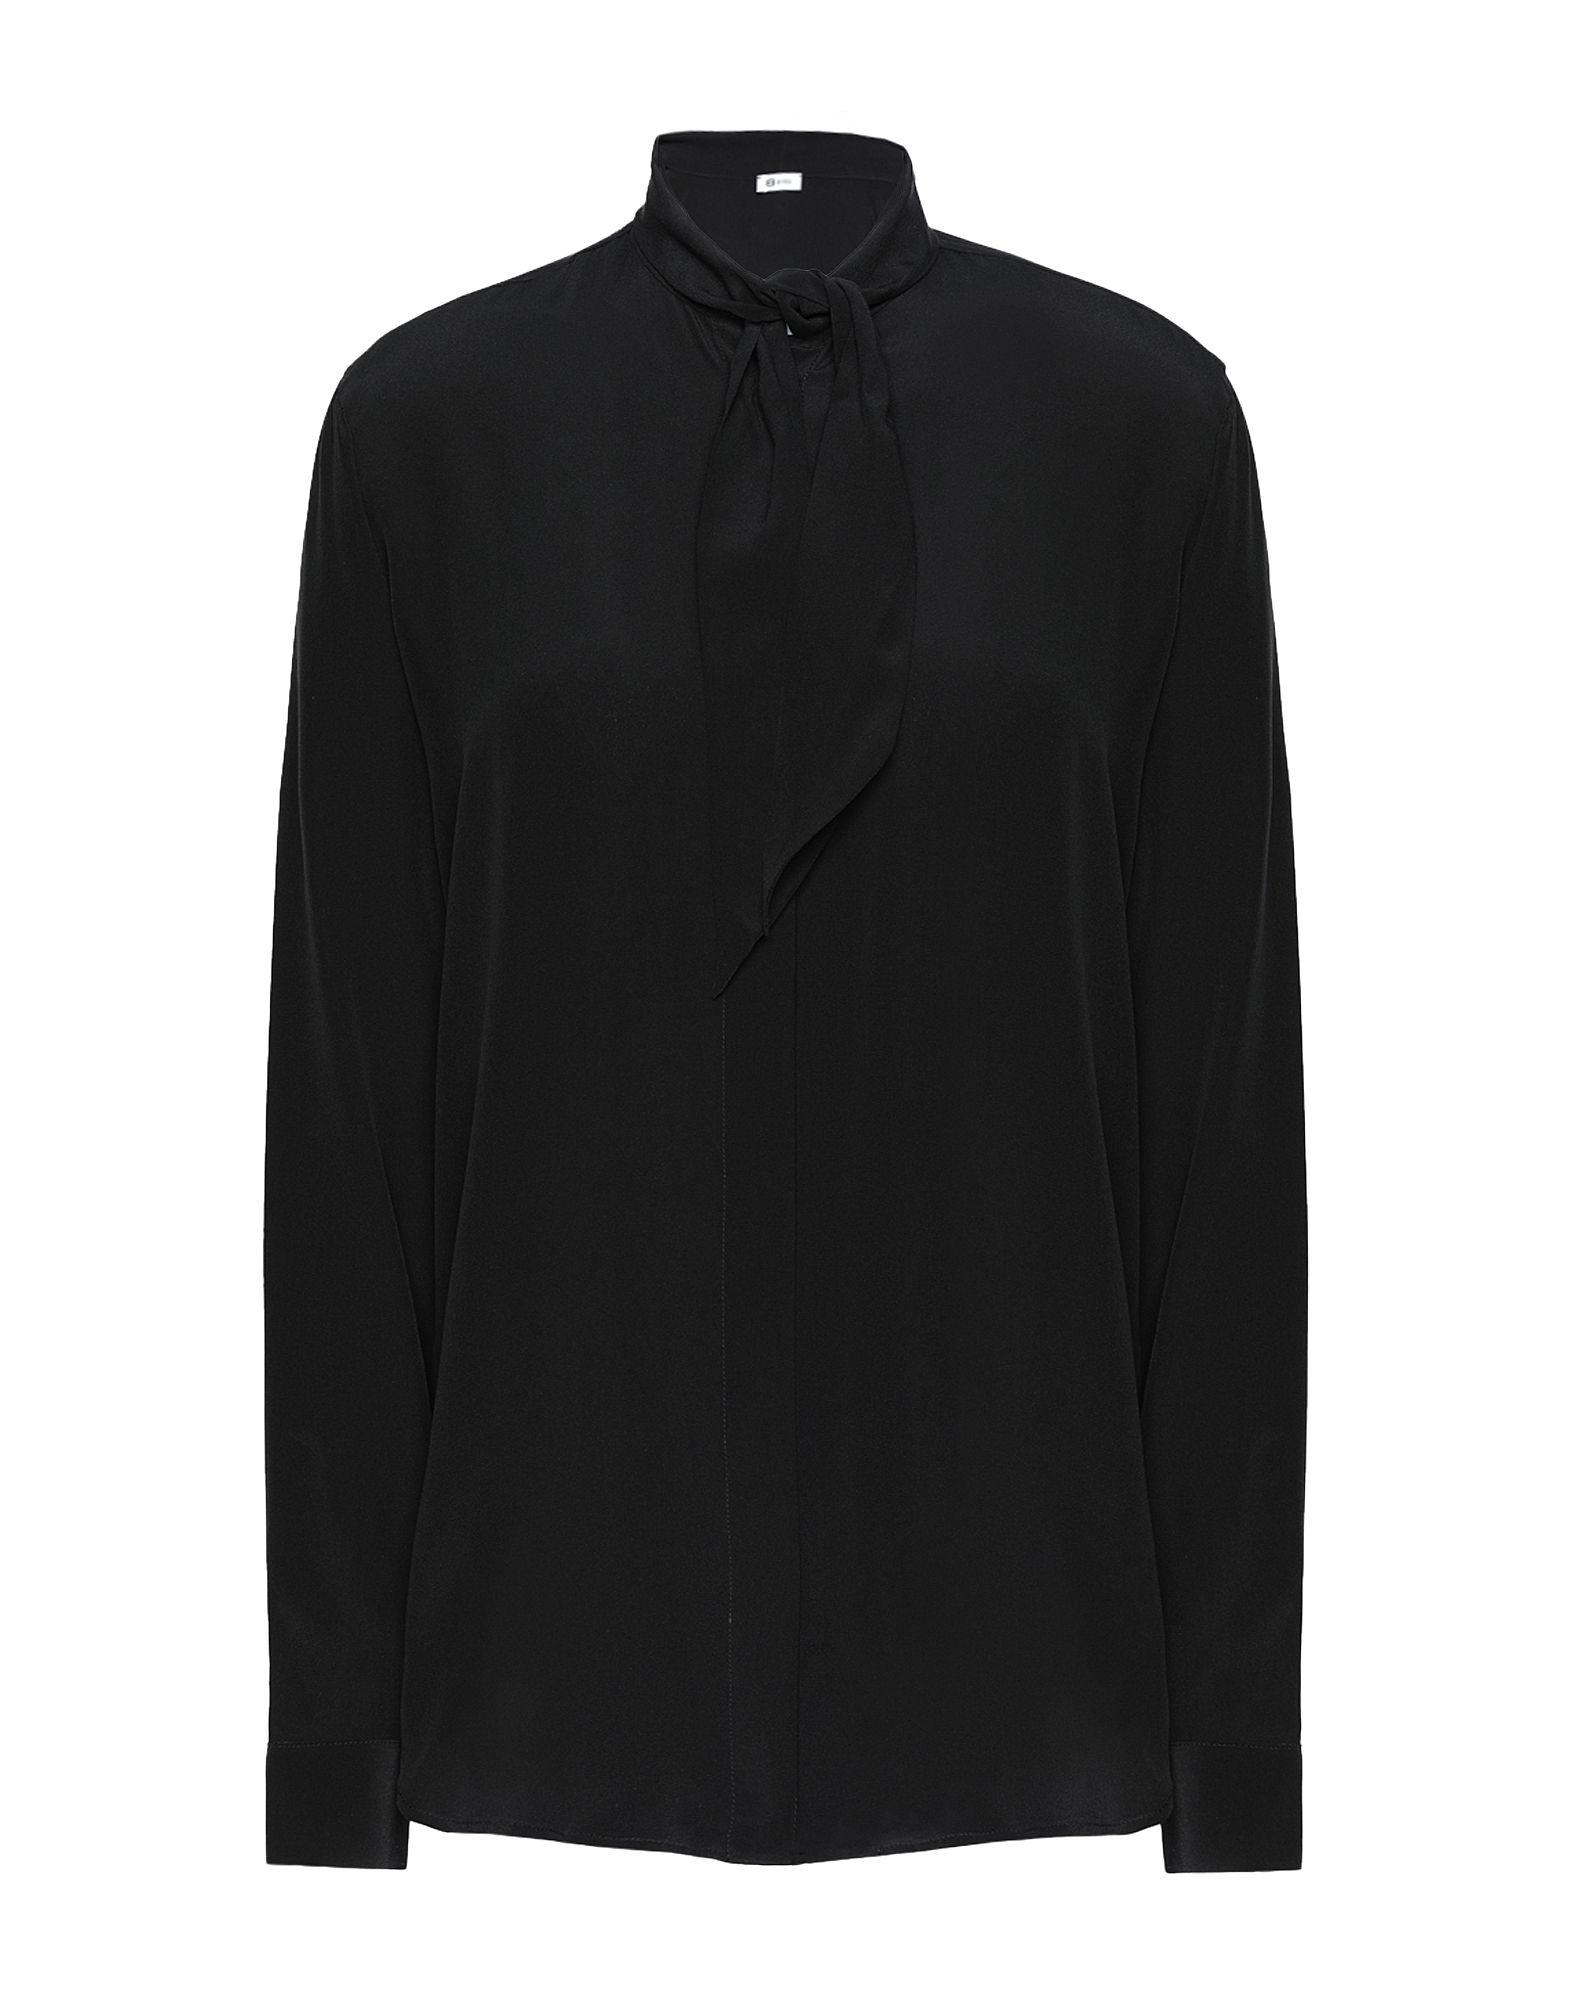 《送料無料》8 by YOOX レディース シャツ ブラック 38 シルク 100%